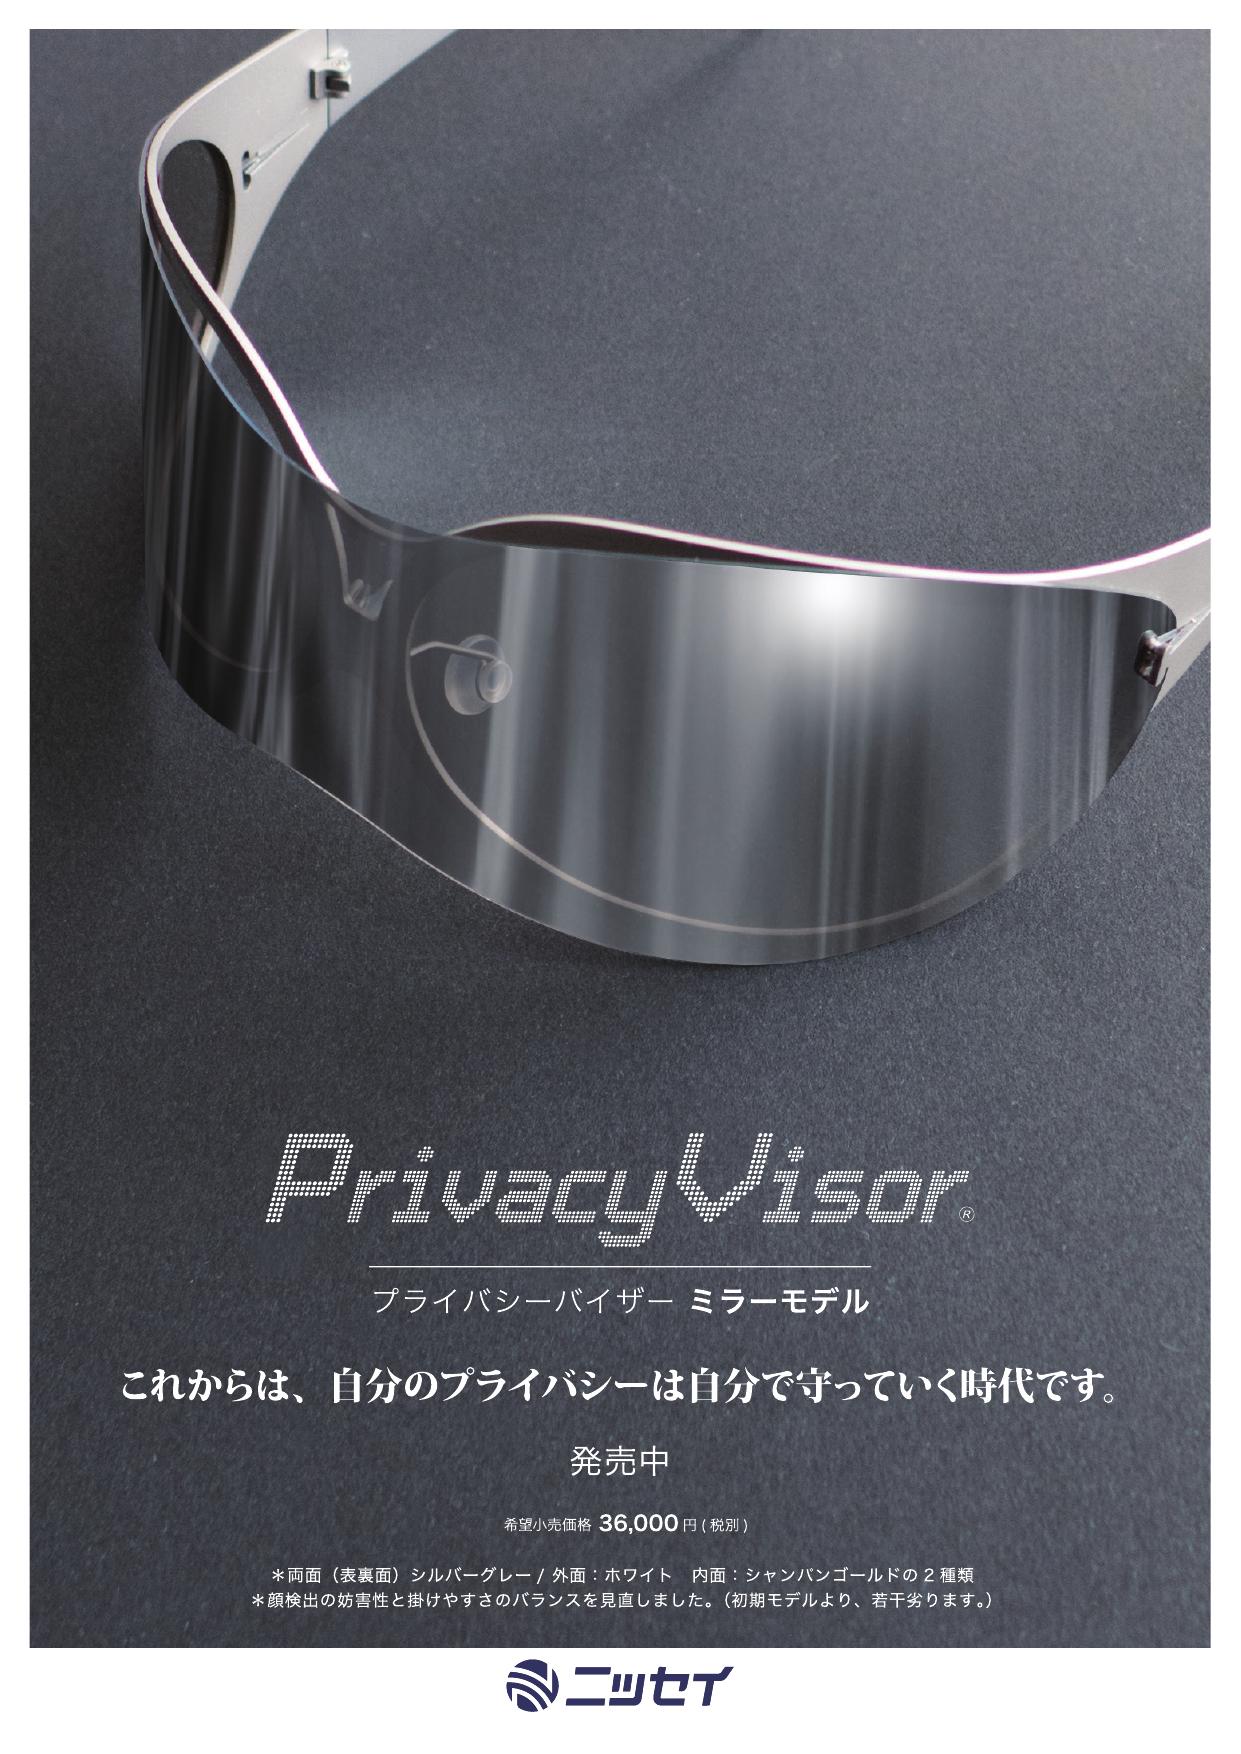 アイウェア PrivacyVisor(R) プライバシーバイザー  ミラーモデル